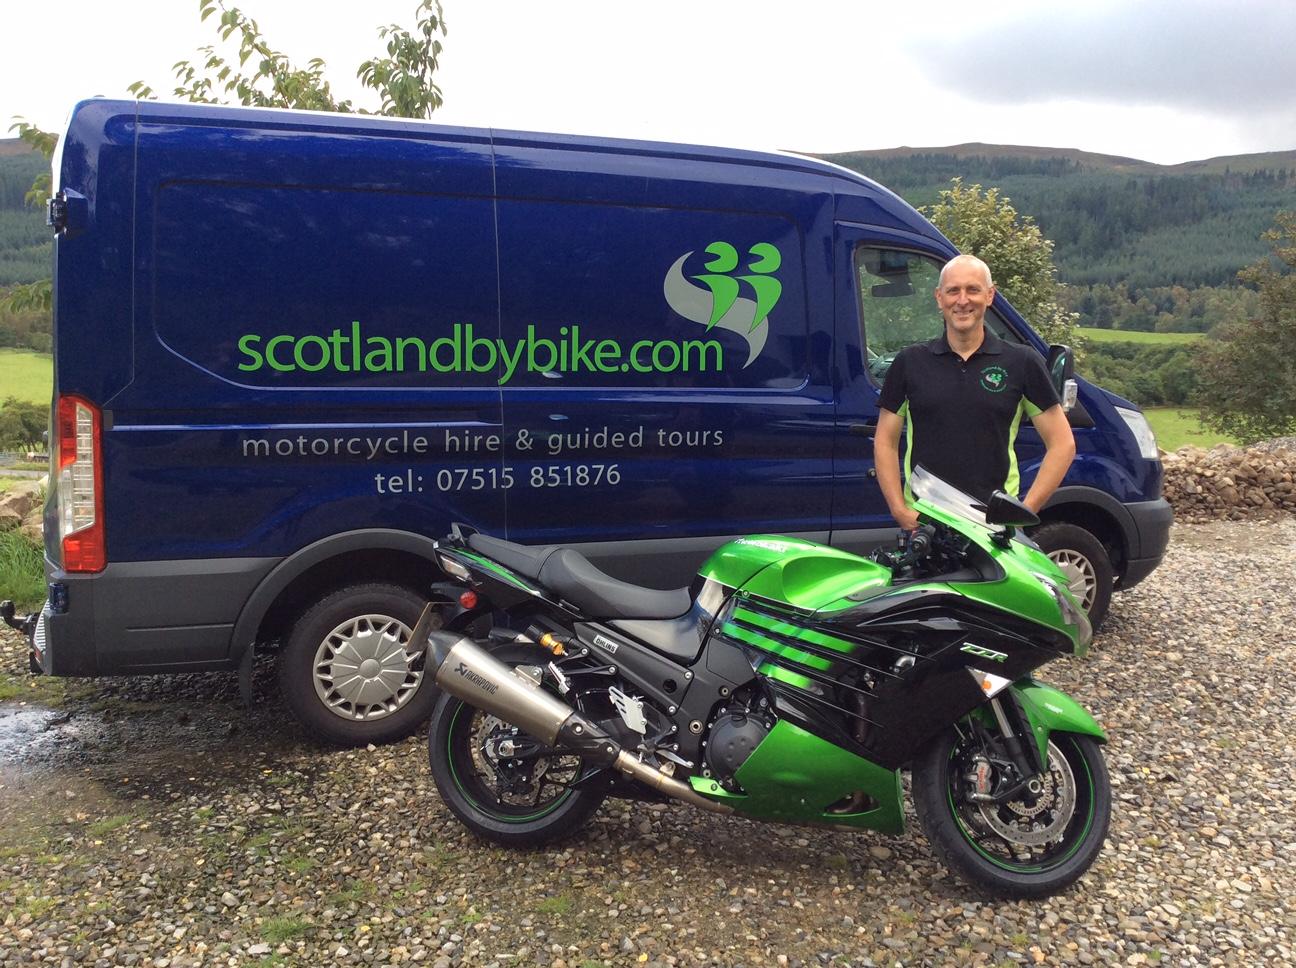 Scotlandbybike